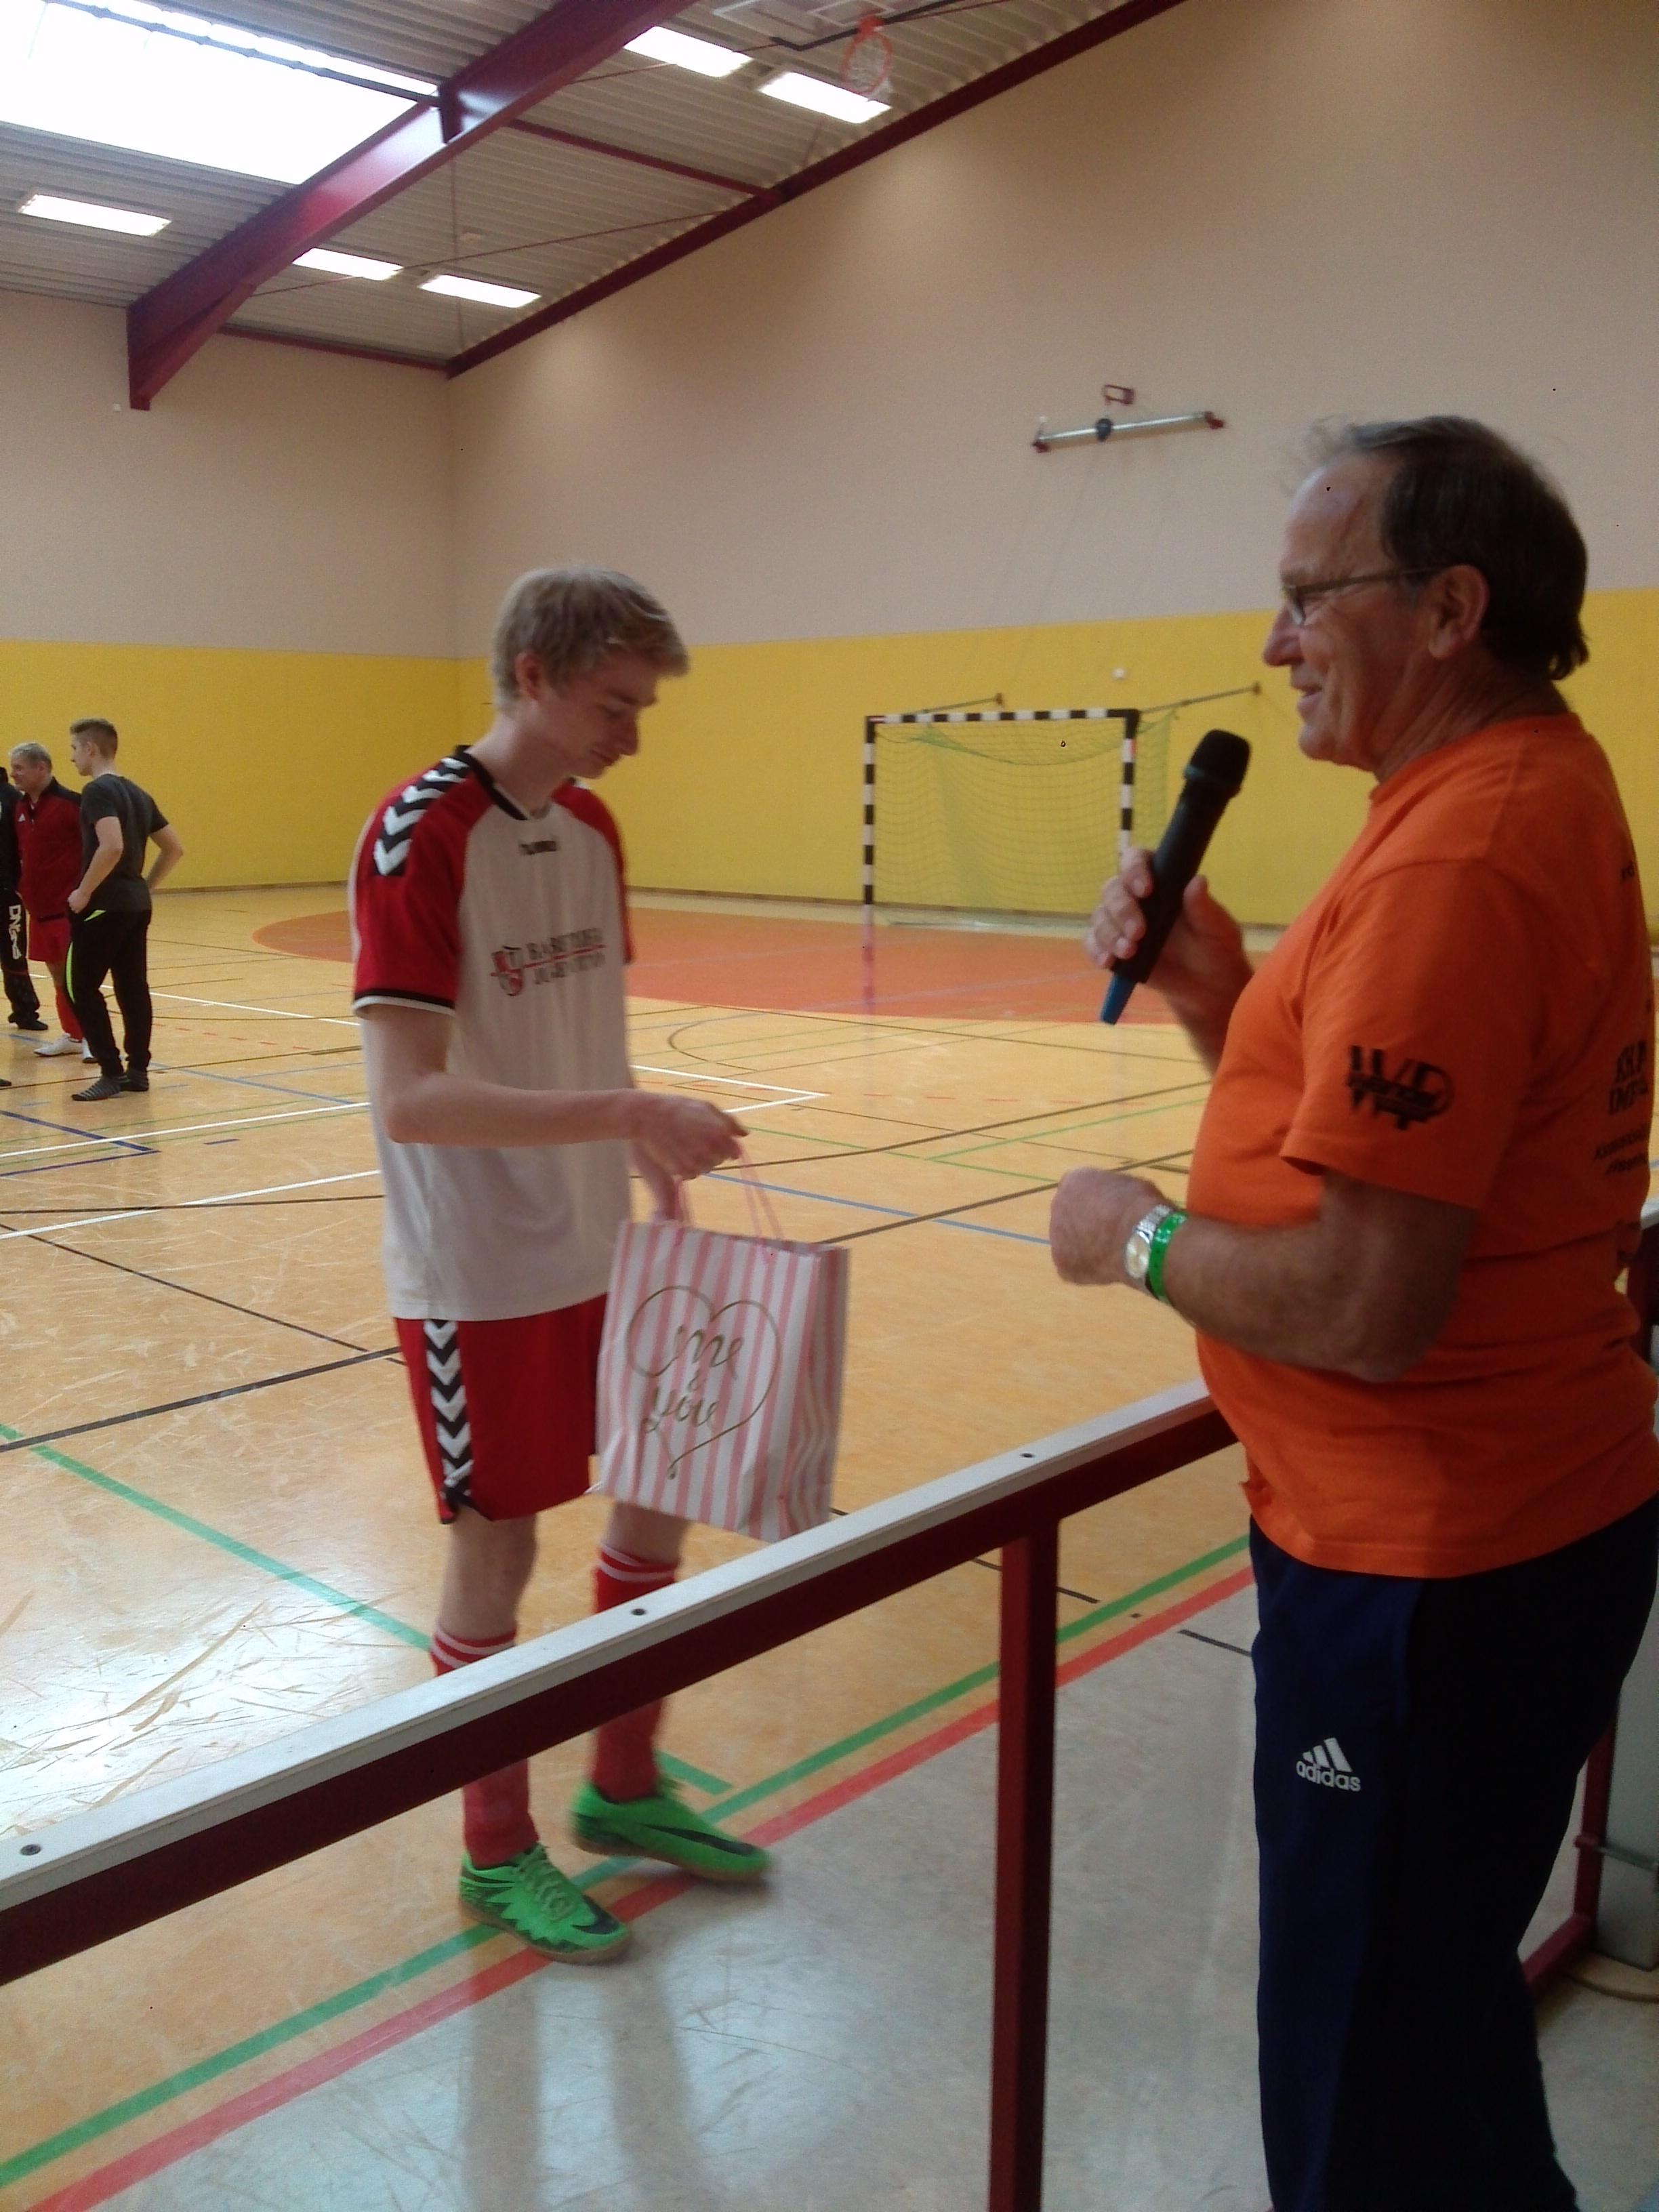 Ulli Lange - Vorsitzender des SFV nimmt die Siegerehrung vor